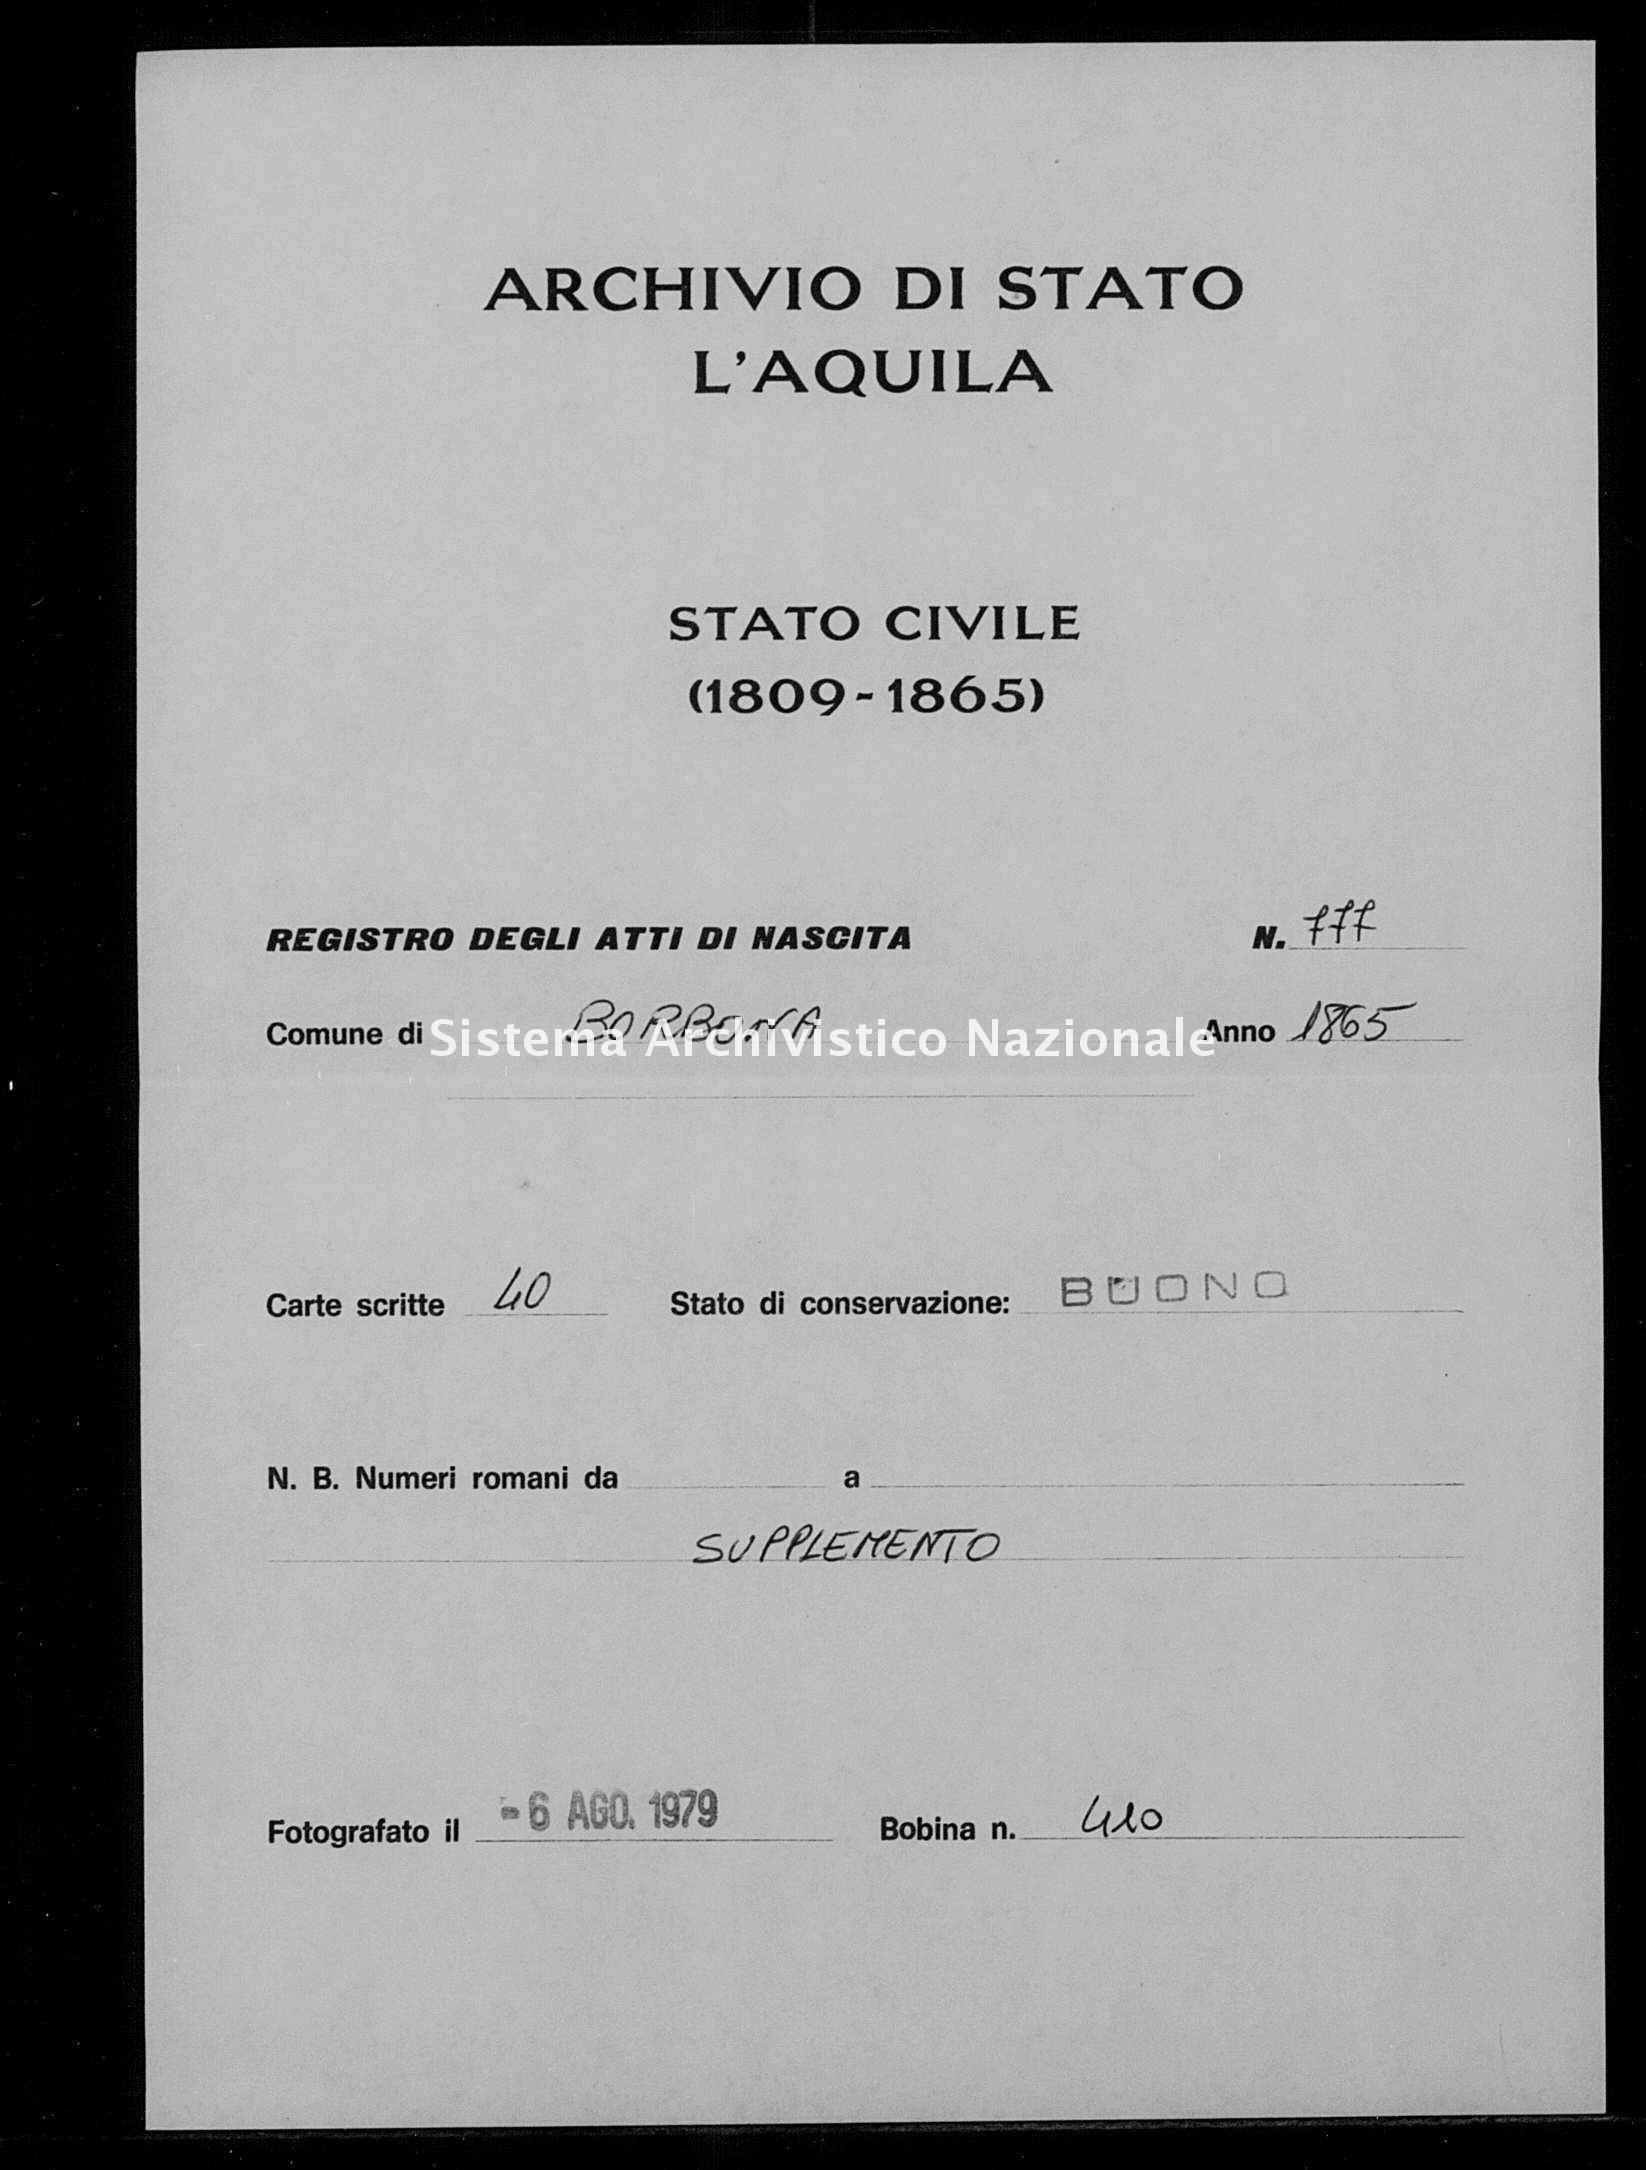 Archivio di stato di L'aquila - Stato civile italiano - Borbona - Nati, battesimi - 1865 - 777 -